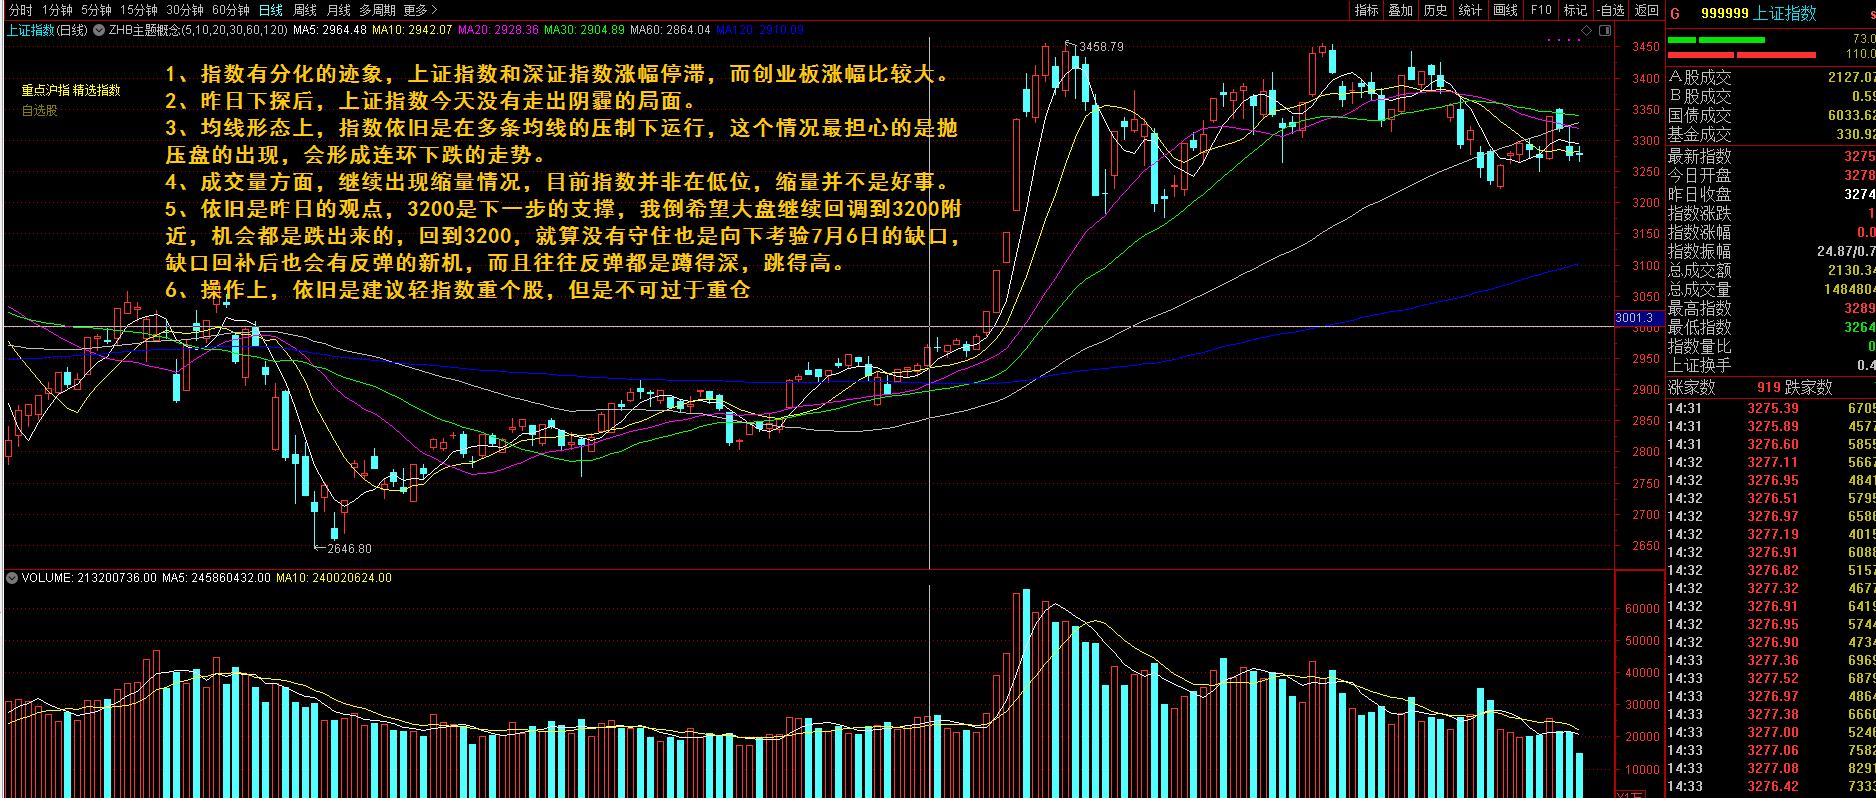 2020-09-23,今日股市行情分析,股票入门基础知识,蹲得越深,跳得越高